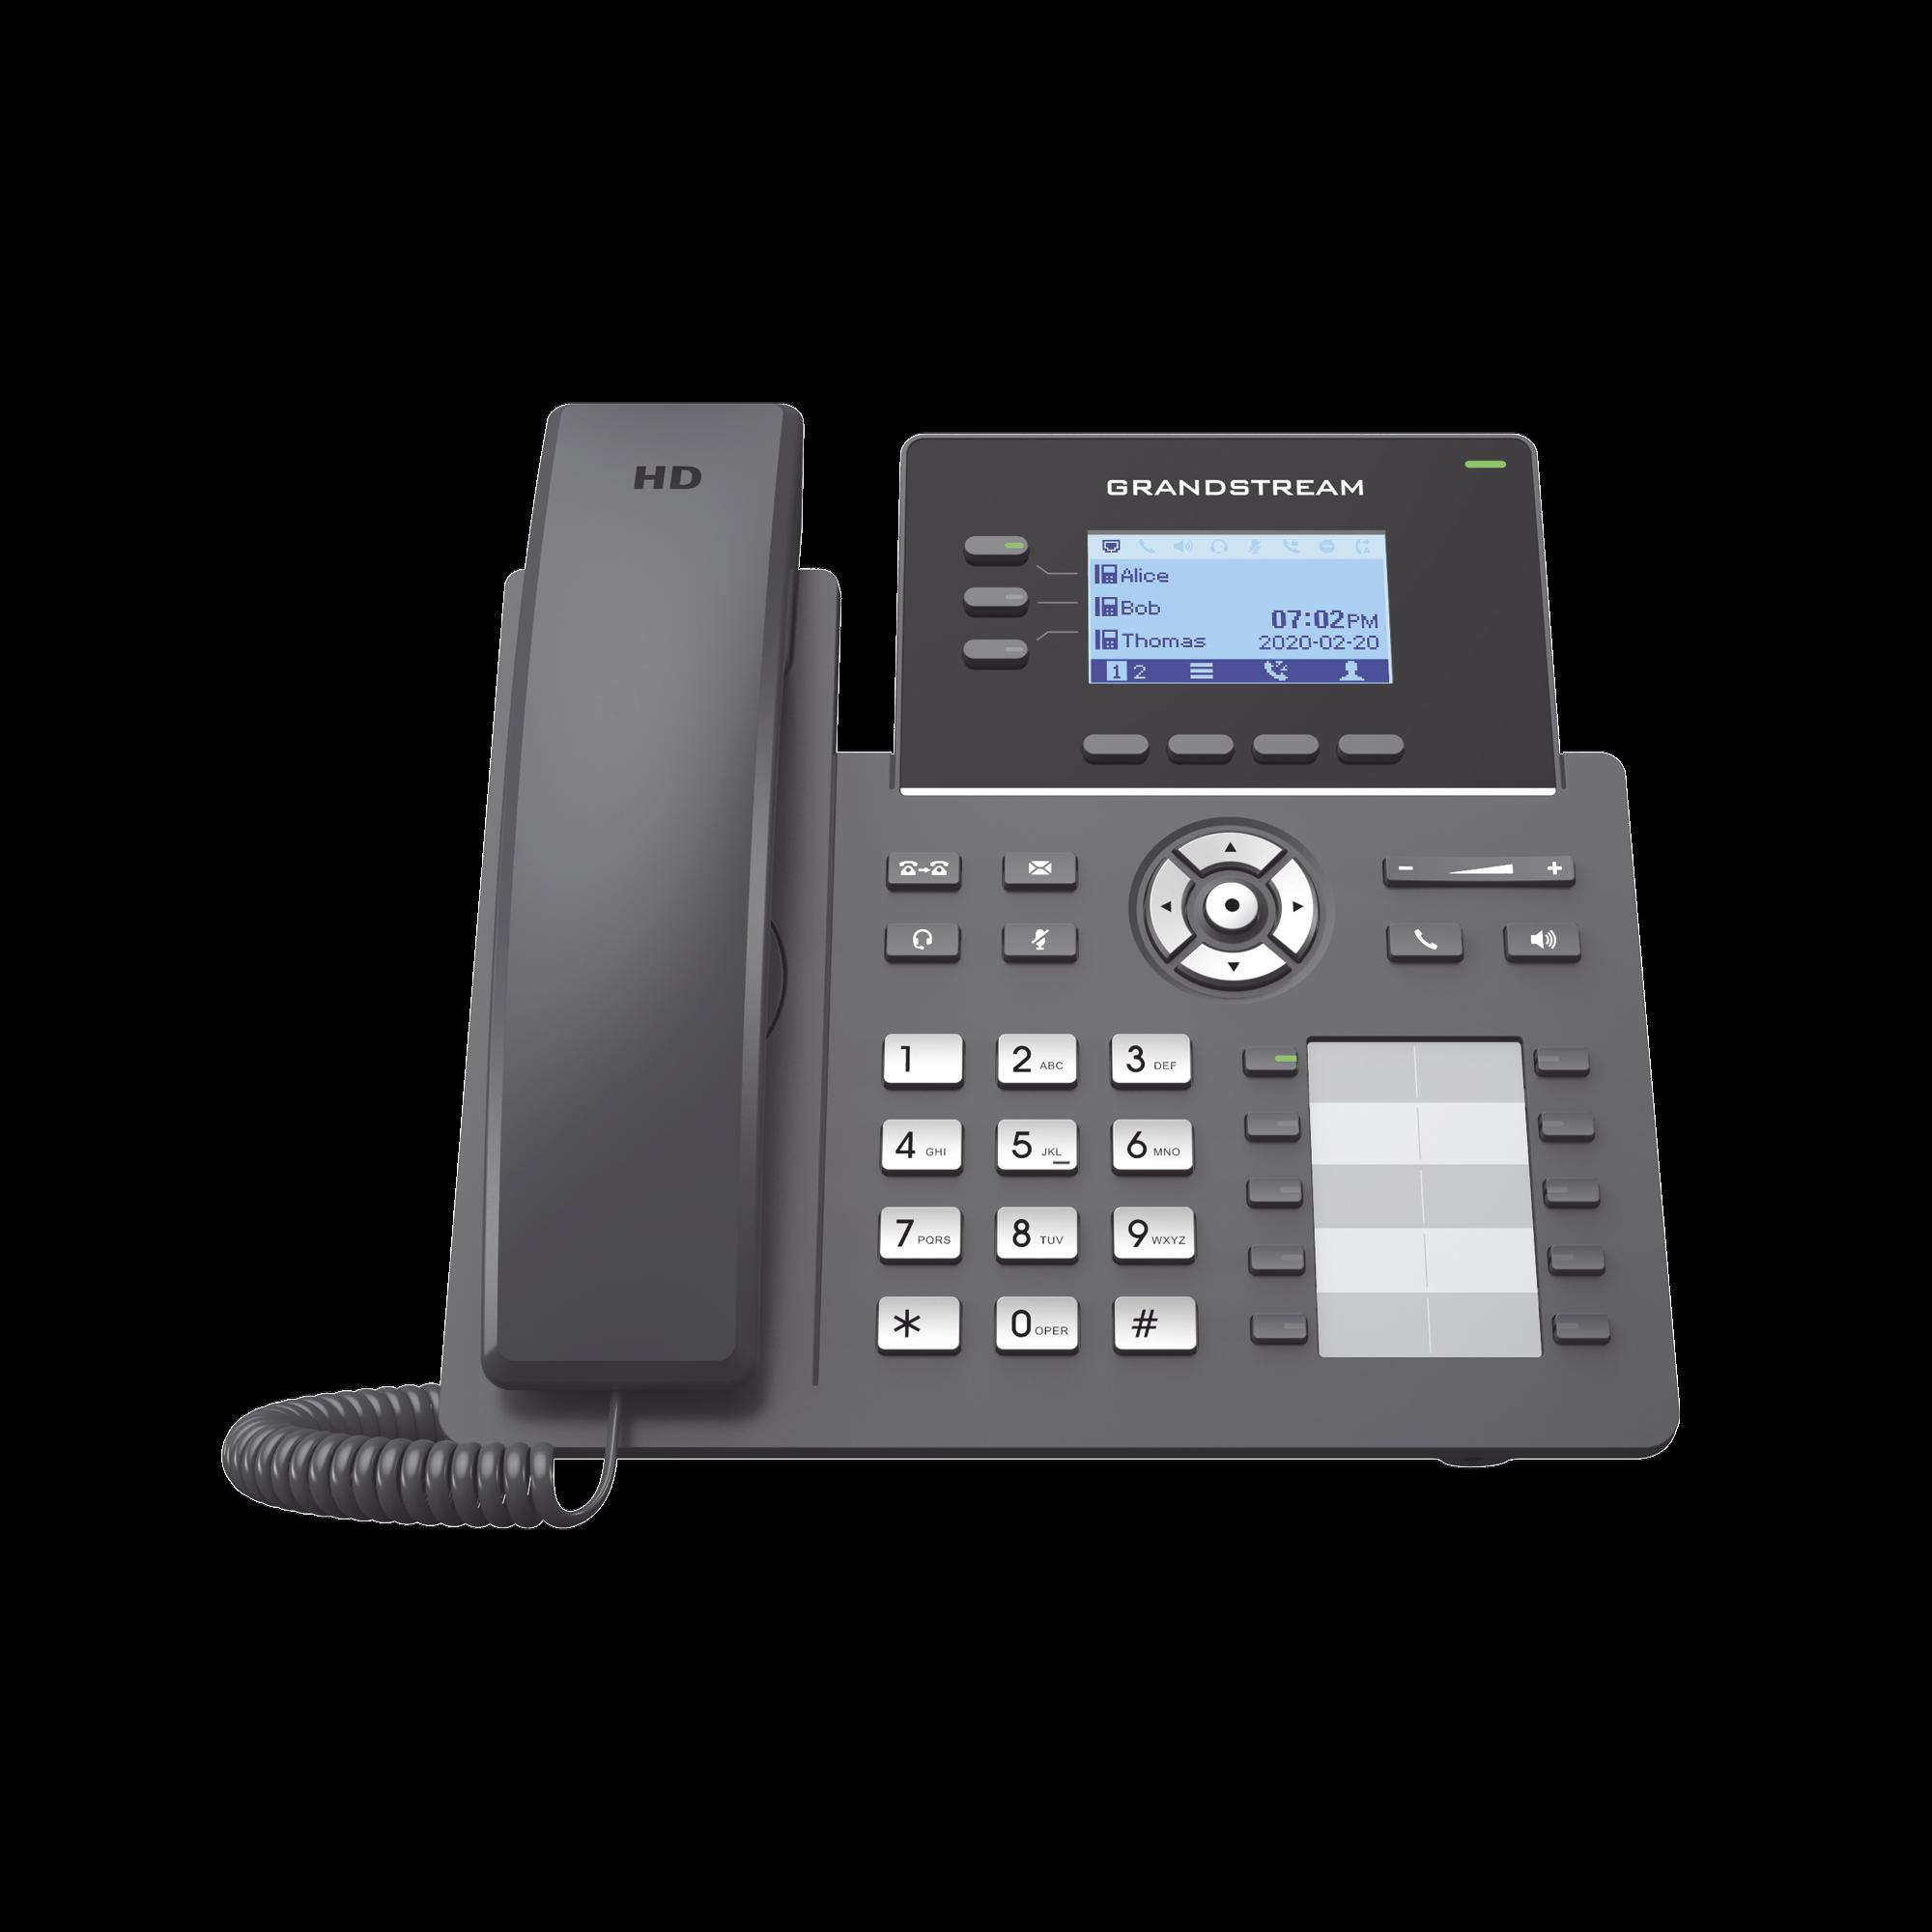 Teléfono IP Grado Operador, 3 lineas SIP con 6 cuentas, 10 botones BLF, puertos Gigabit PoE, codec Opus, IPV4/IPV6 con gestion en la nube GDMS